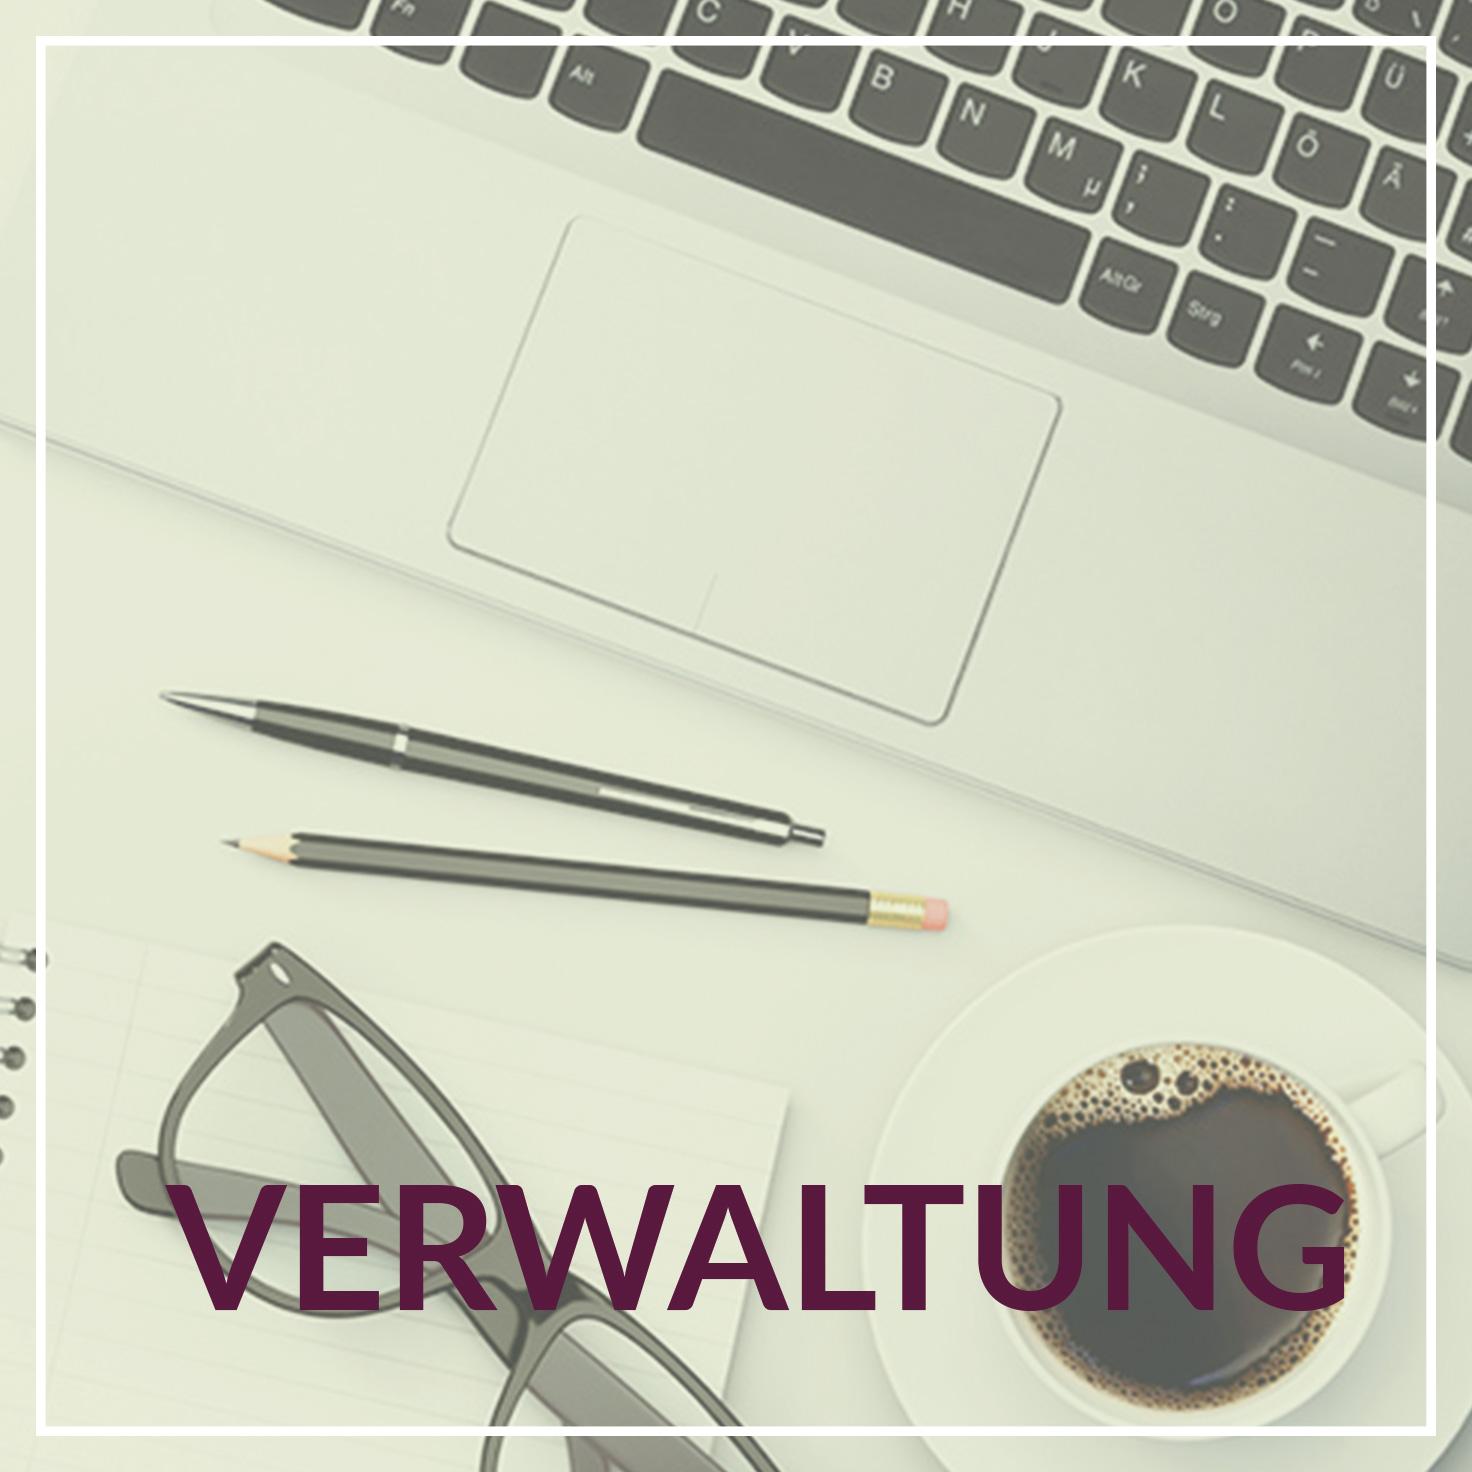 Heiss & Süß Jobs - Verwaltung